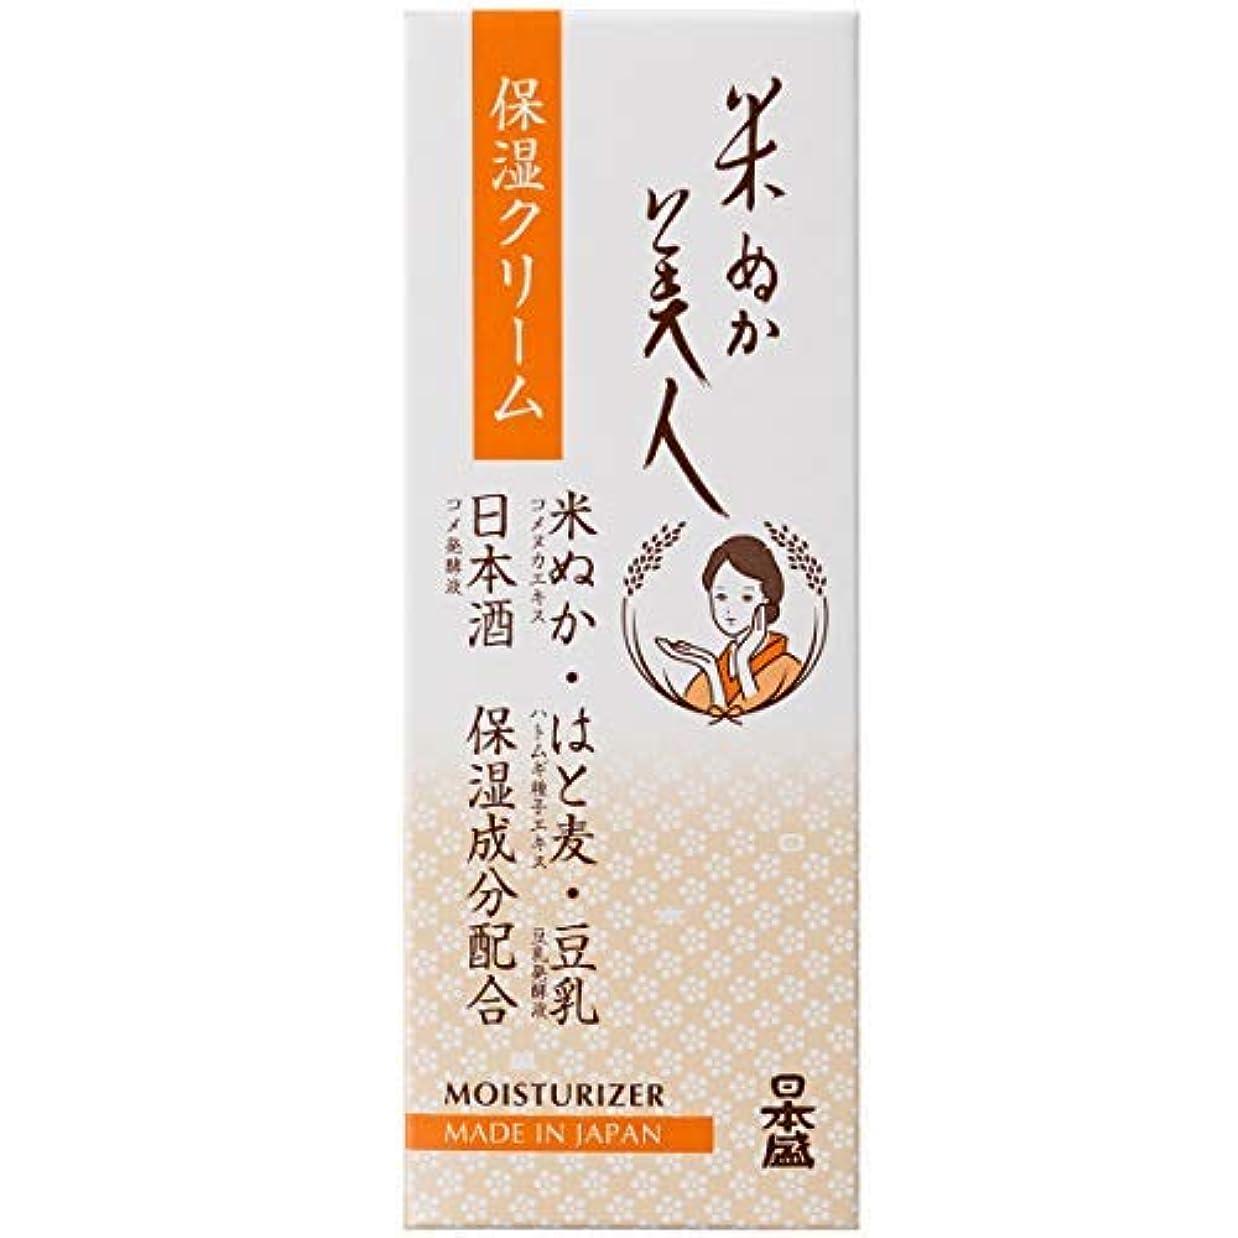 隠された浅い先住民米ぬか美人 保湿クリーム × 2個セット